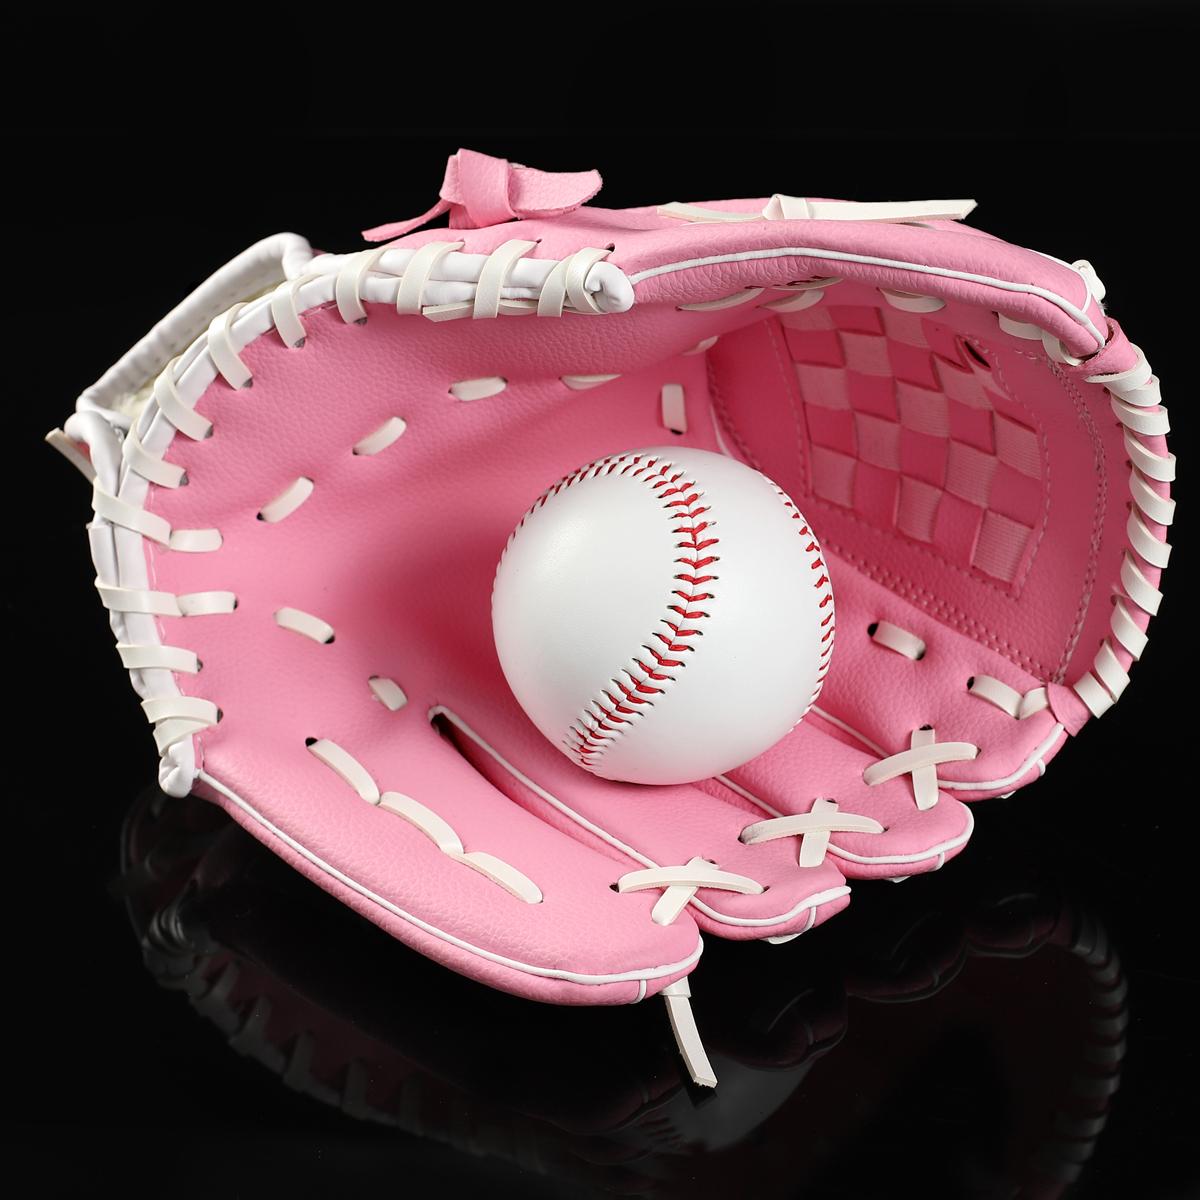 包郵送棒球 內野投手棒球手套 壘球手套 環保降解材料不傷手